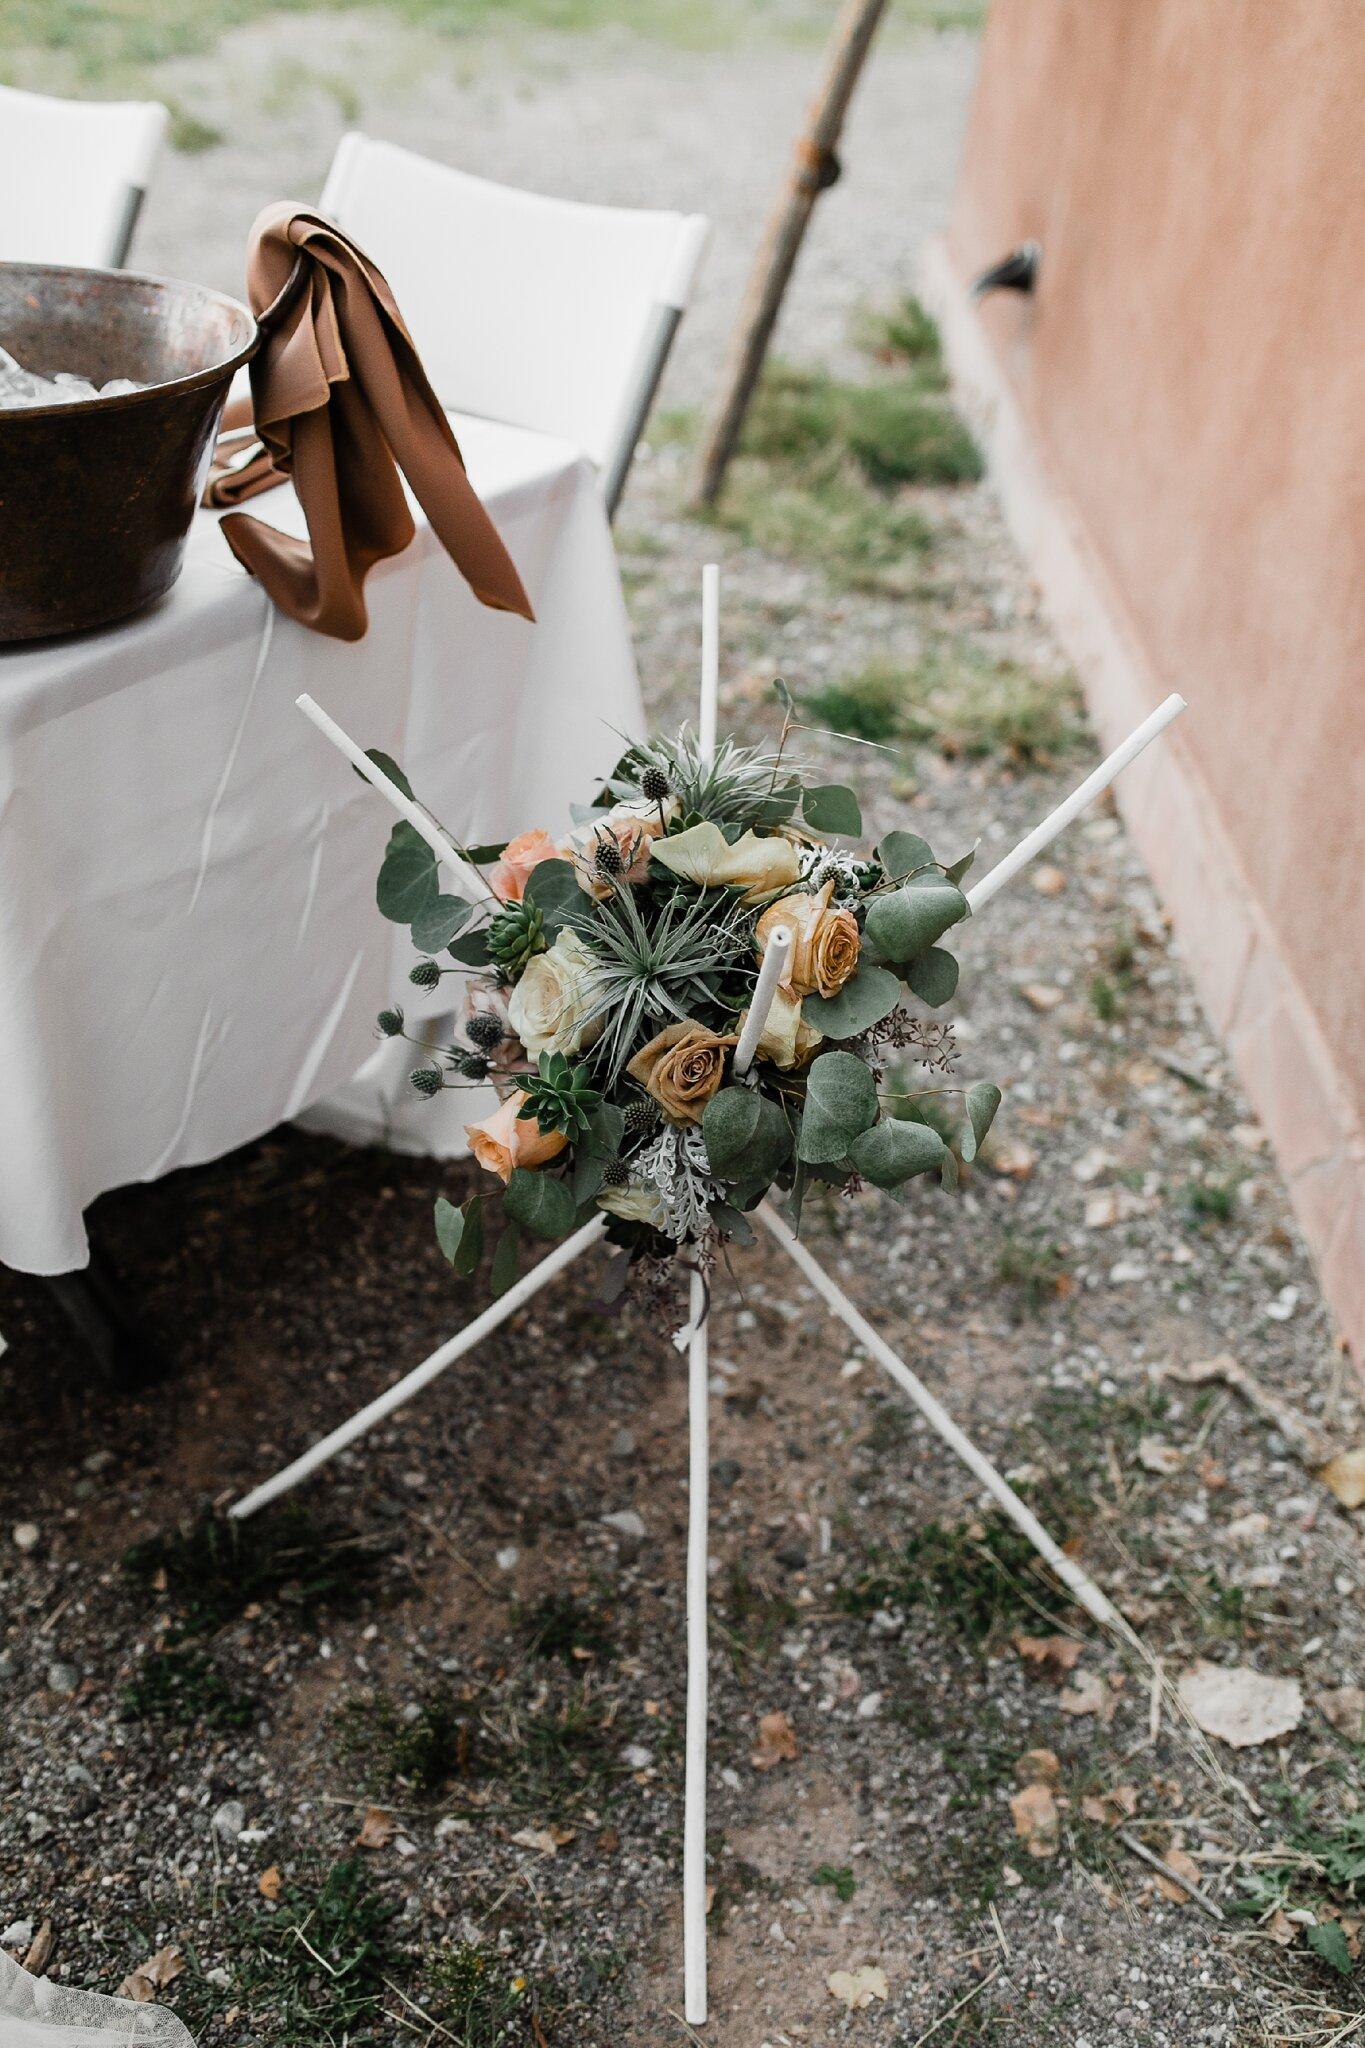 Alicia+lucia+photography+-+albuquerque+wedding+photographer+-+santa+fe+wedding+photography+-+new+mexico+wedding+photographer+-+new+mexico+wedding+-+wedding+-+santa+fe+wedding+-+ghost+ranch+-+ghost+ranch+wedding+-+fall+wedding_0074.jpg